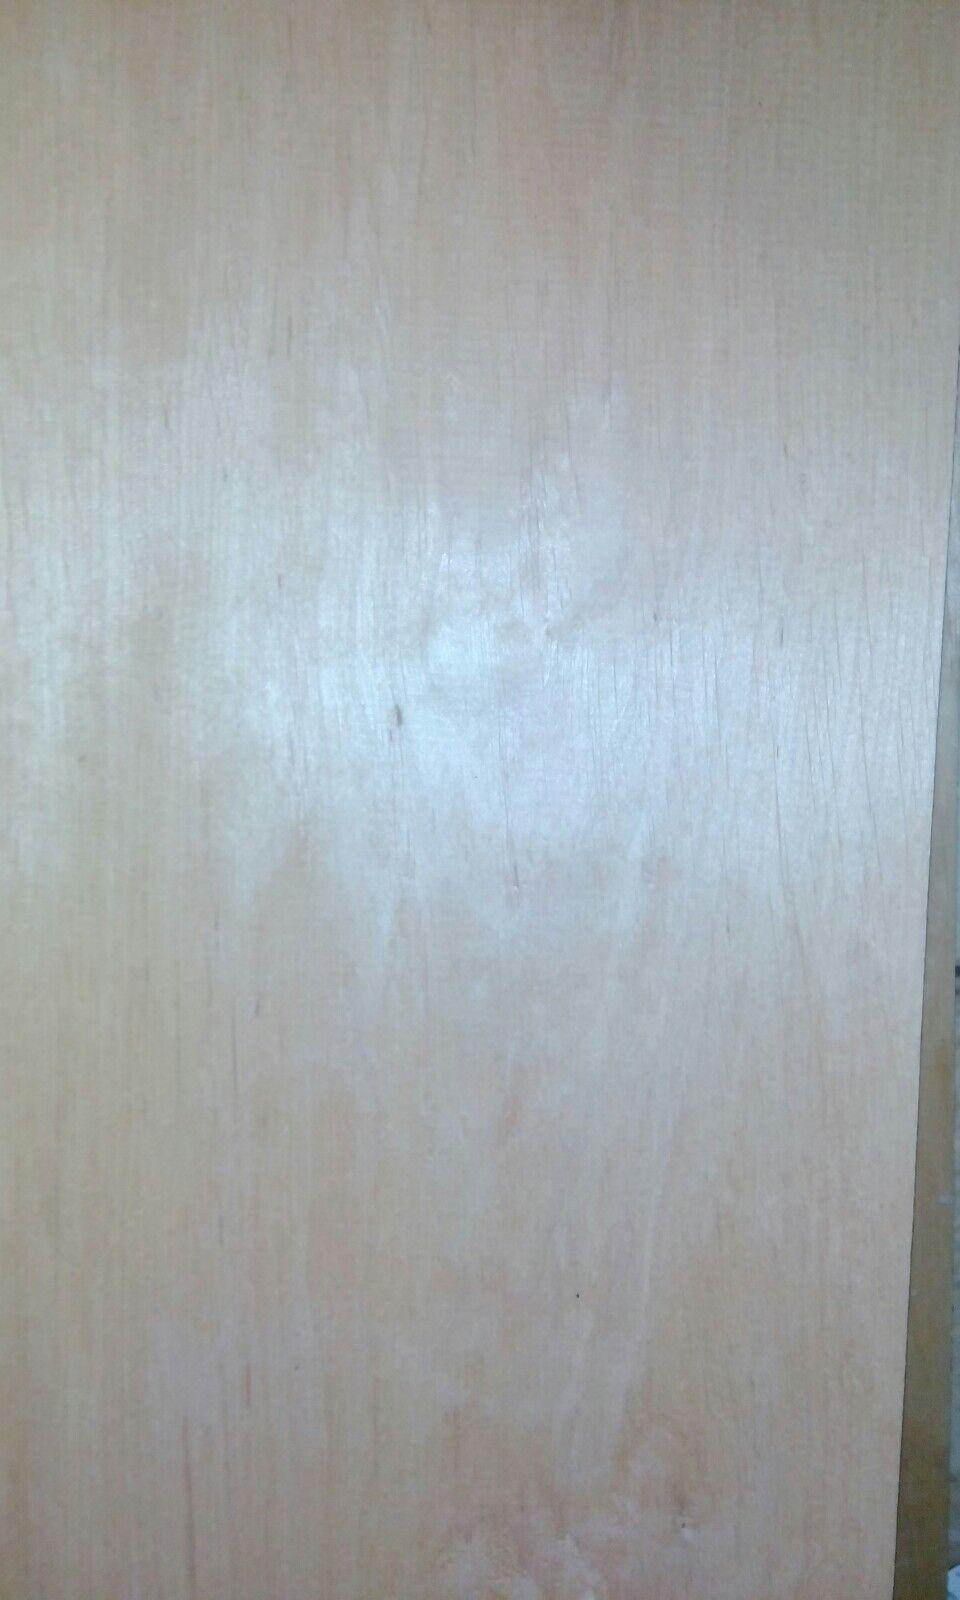 Erle Body No.2Korpus No.2Korpus No.2Korpus AXUND Tonholz tonewood 1Teiler Bass 550x360+x55  gehobelt 50cda6